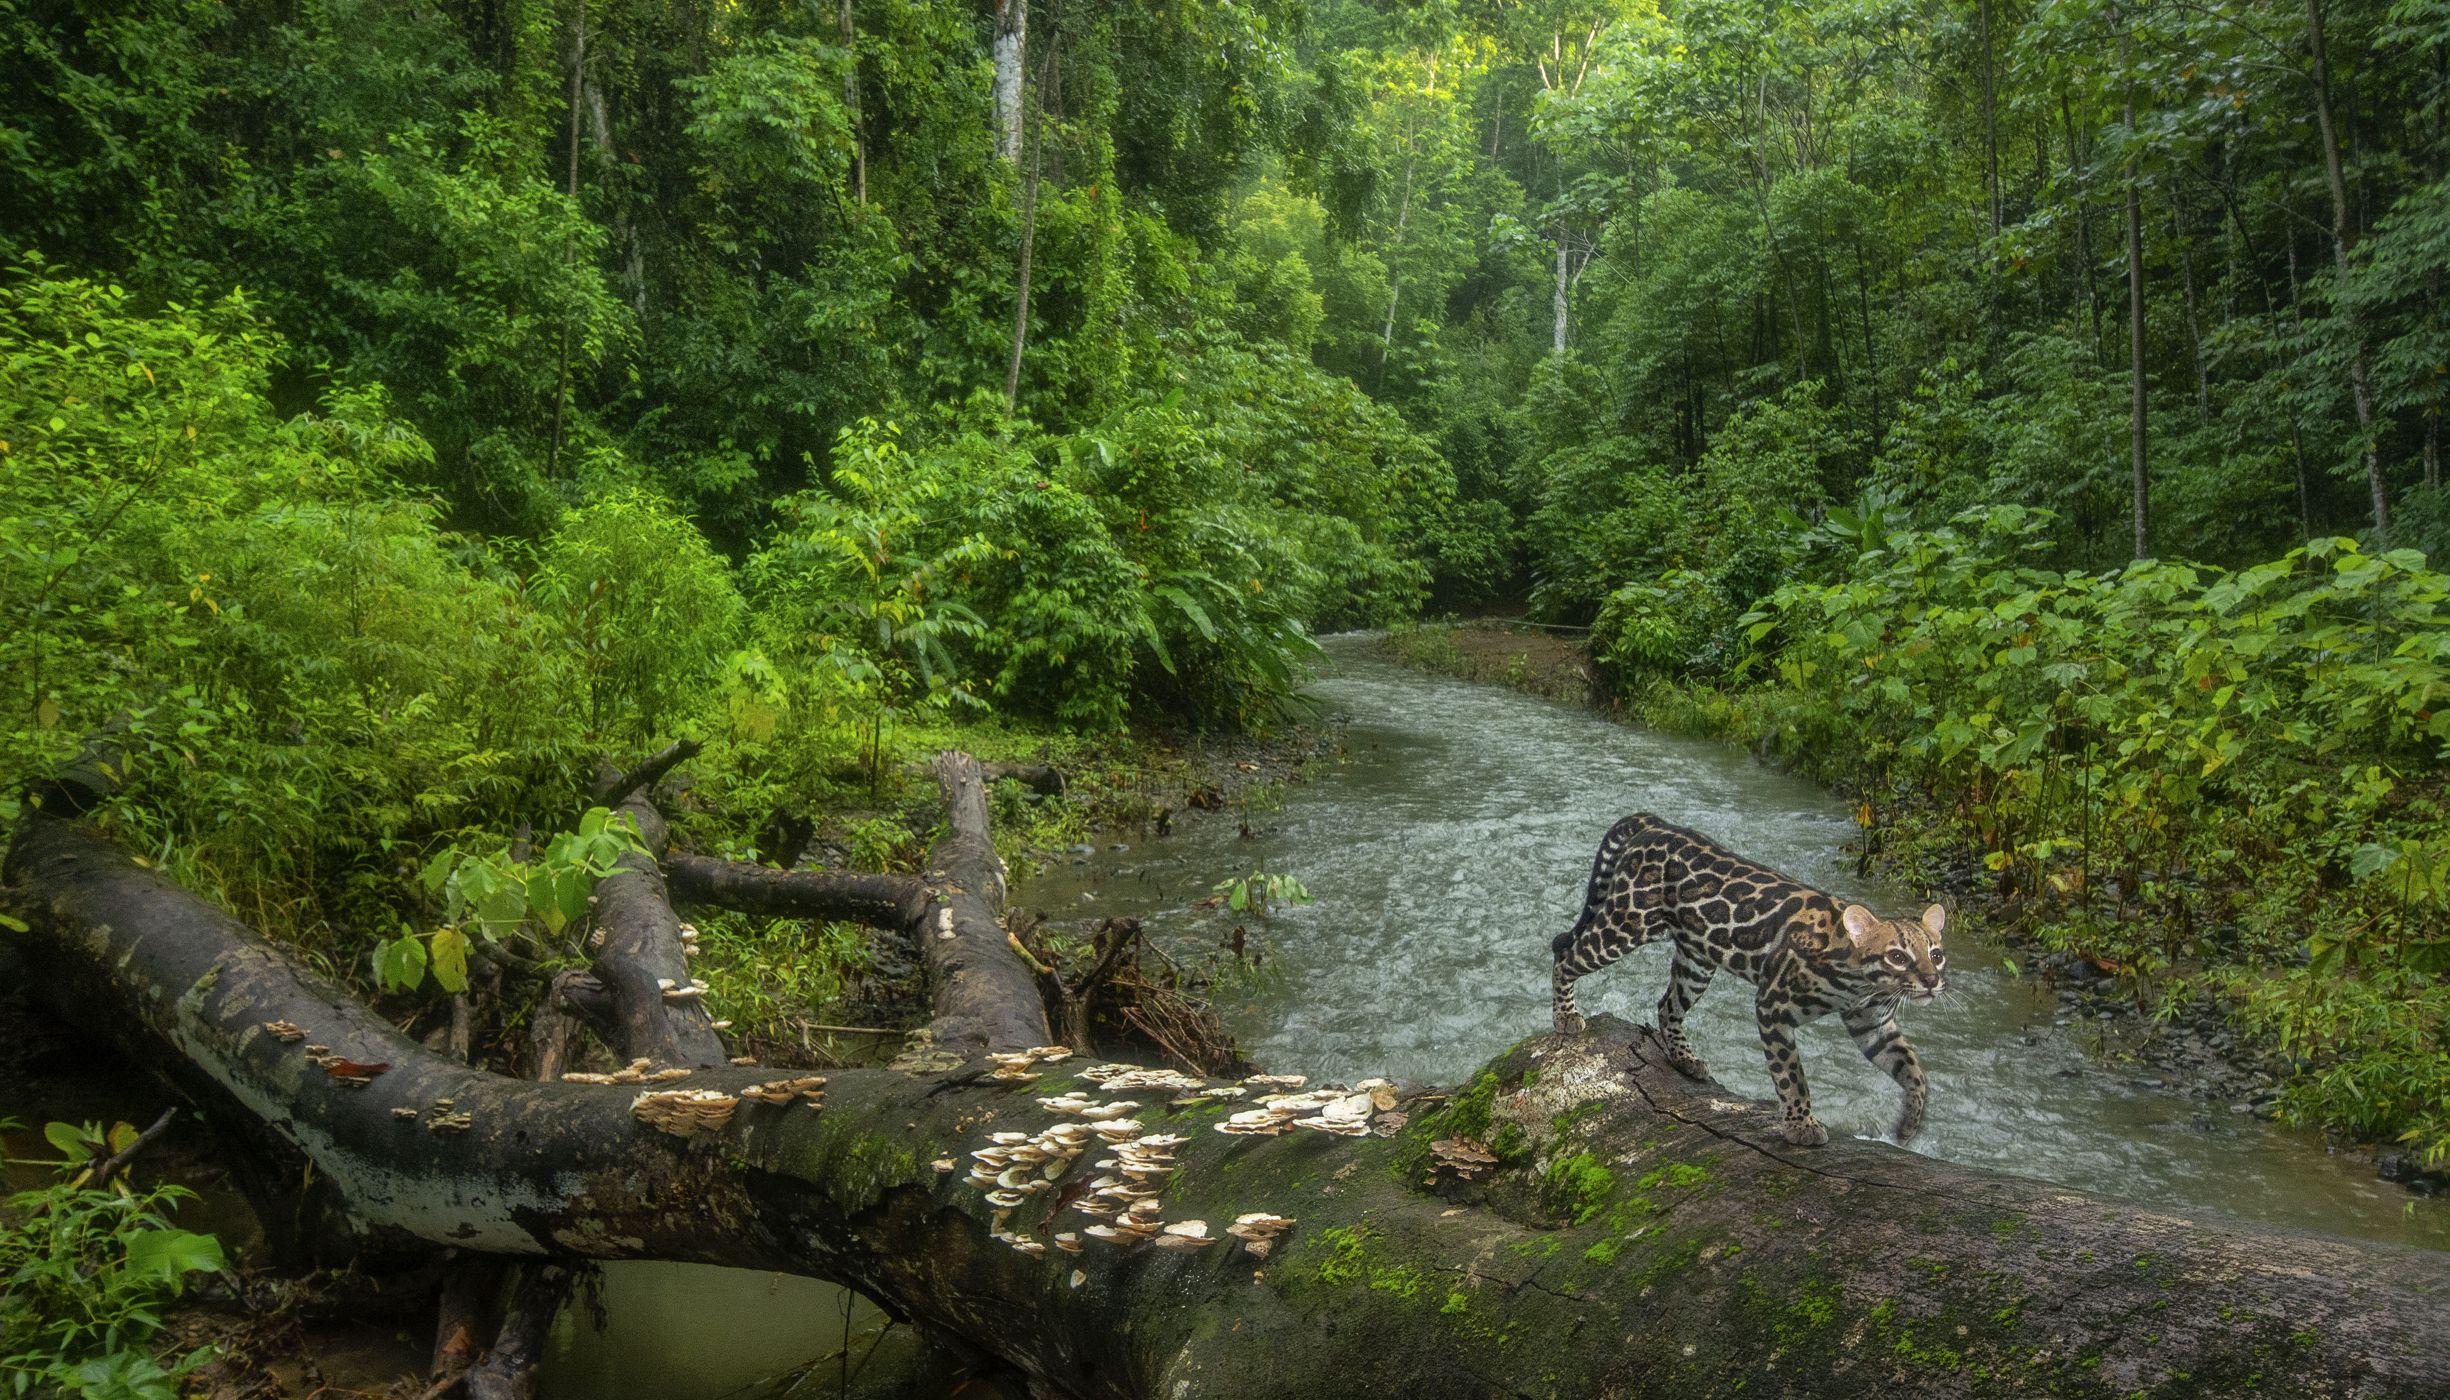 An ocelot crosses a creek on a fallen tree trunk